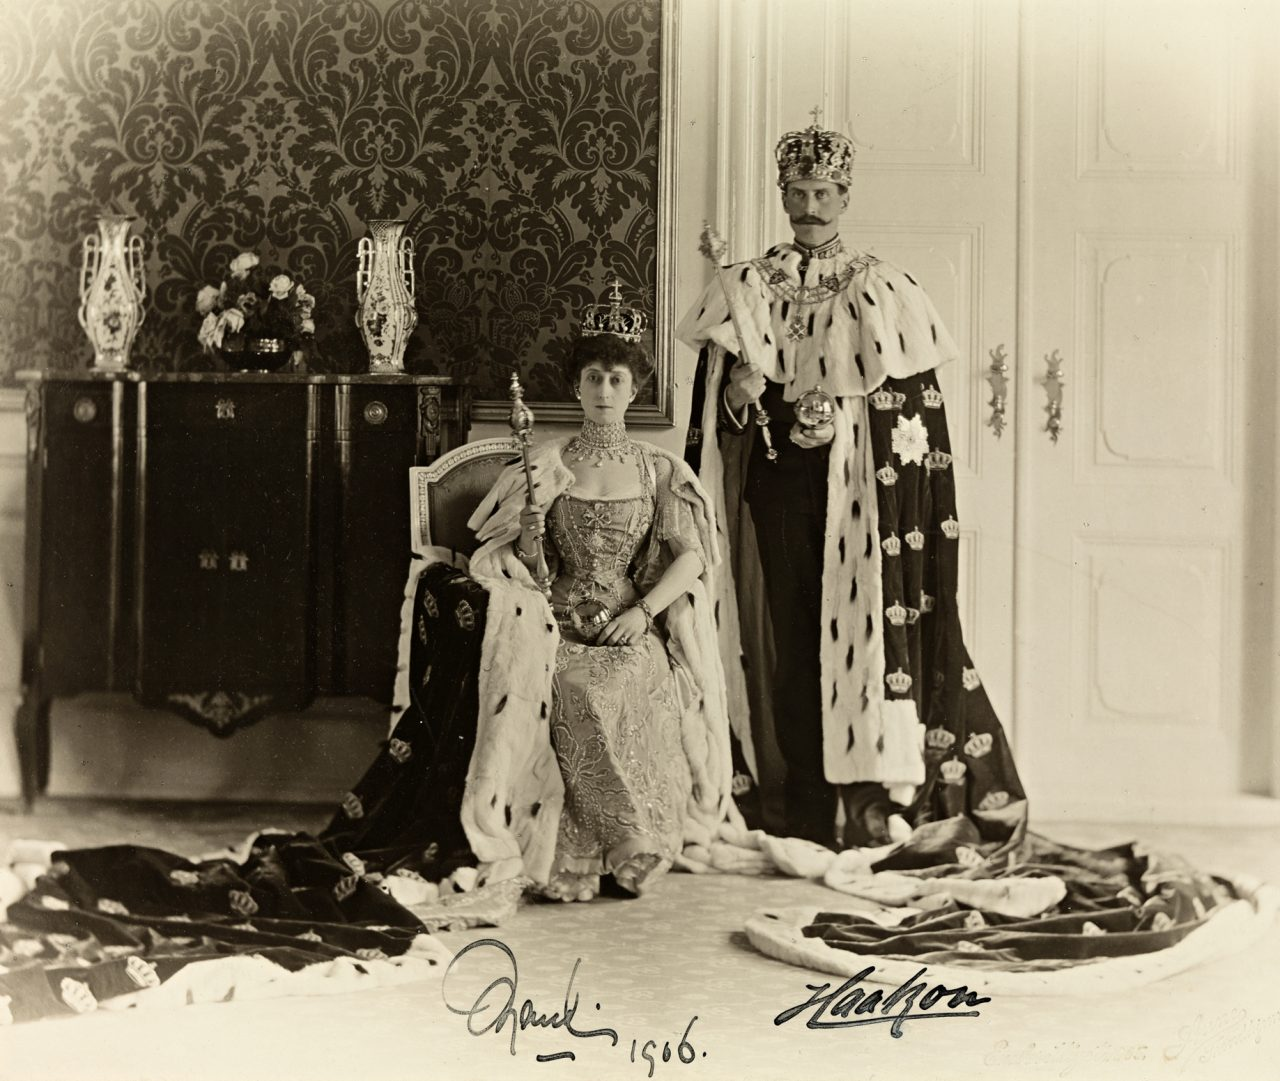 Offisielt kroningsbilde av kong Haakon VII og dronning Maud